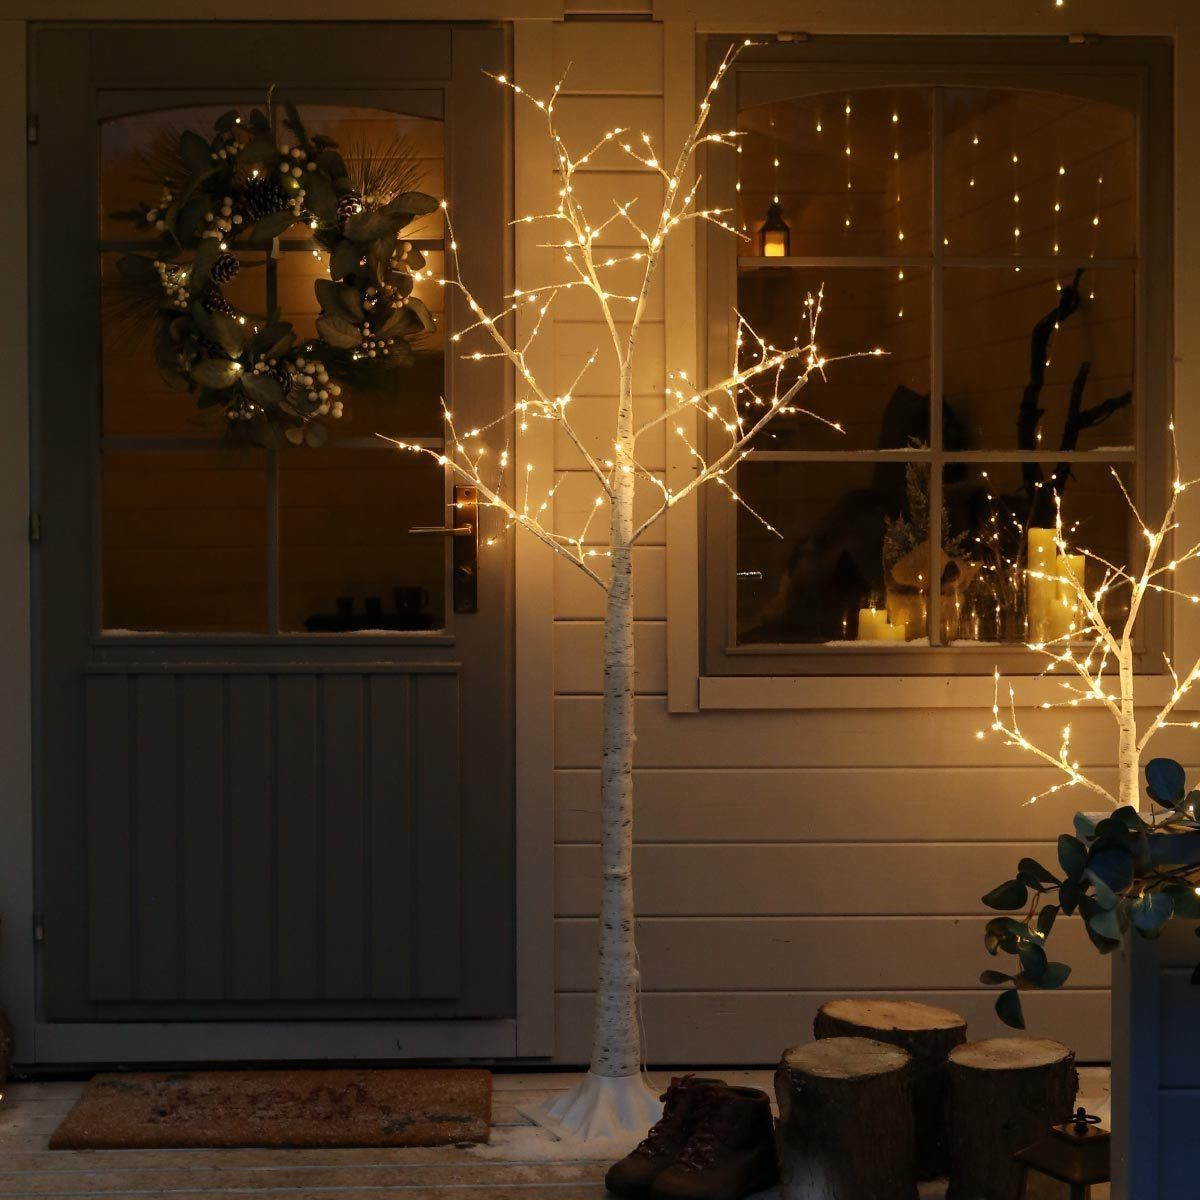 Décoration de Noël en plein air avec un joli arbre brillant.